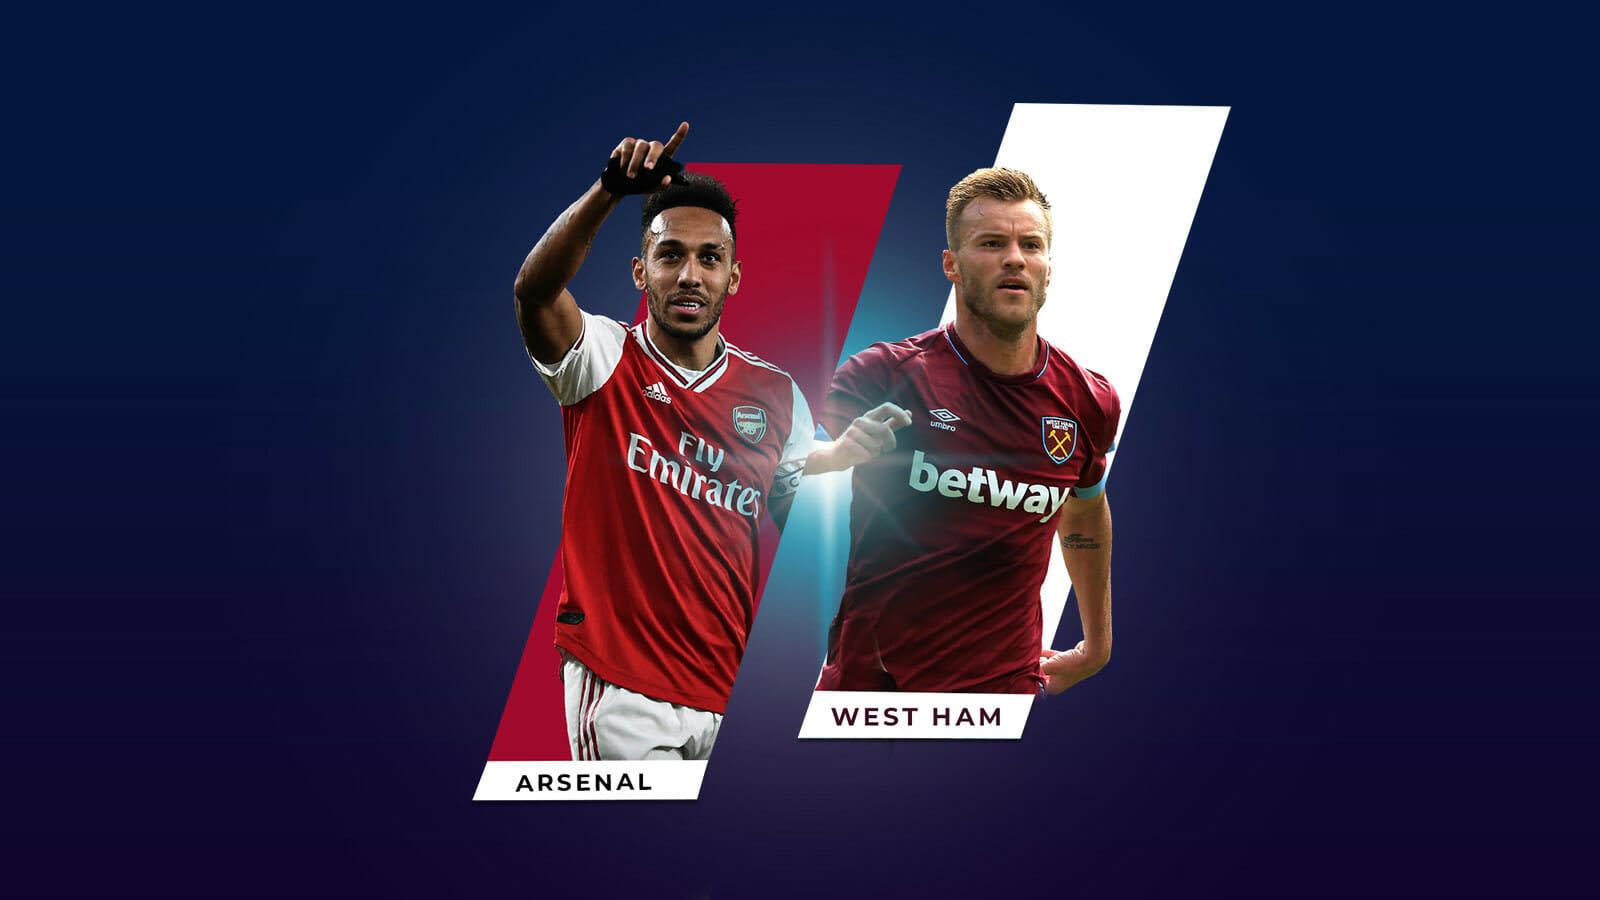 Kết quả bóng đá Arsenal 1-0 West Ham: Lacazette sắm vai người hùng giúp 'Pháo thủ' giành chiến thắng